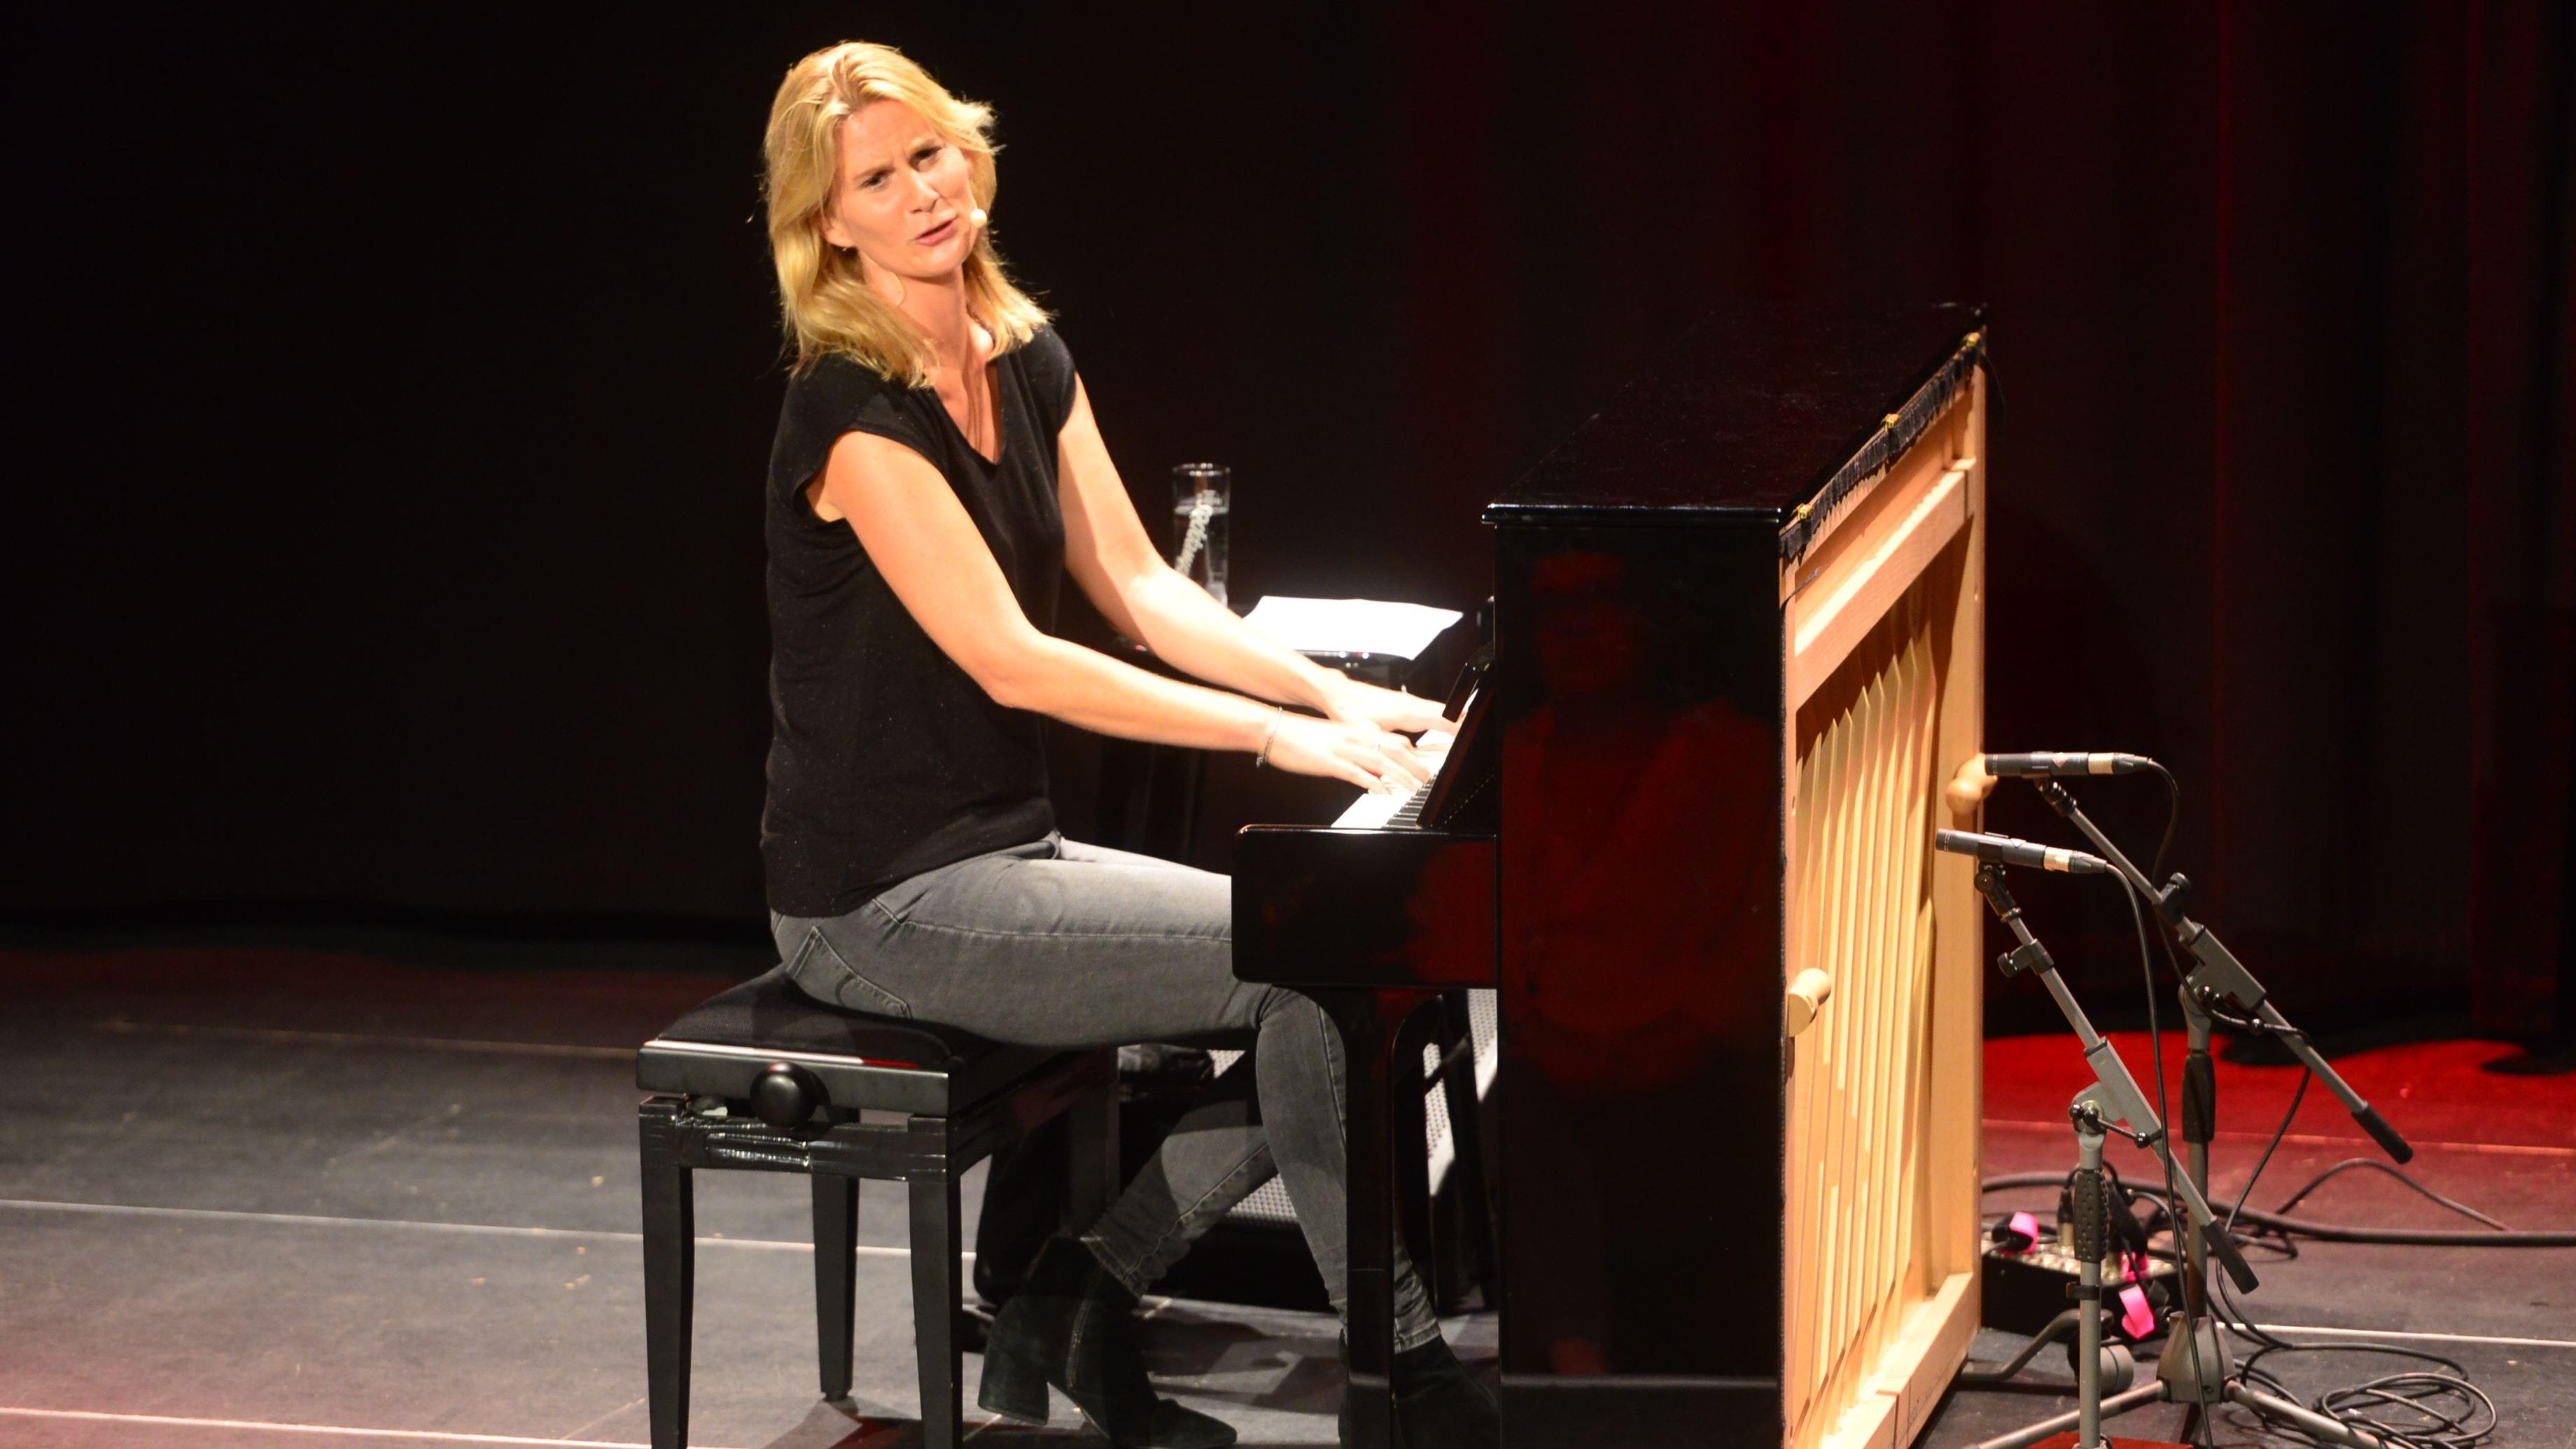 Mal charmant, mal bissig: Lucy van Kuhl verarbeitet Alltagserfahrungen zu einem Musikprogramm. Foto: Heidkamp